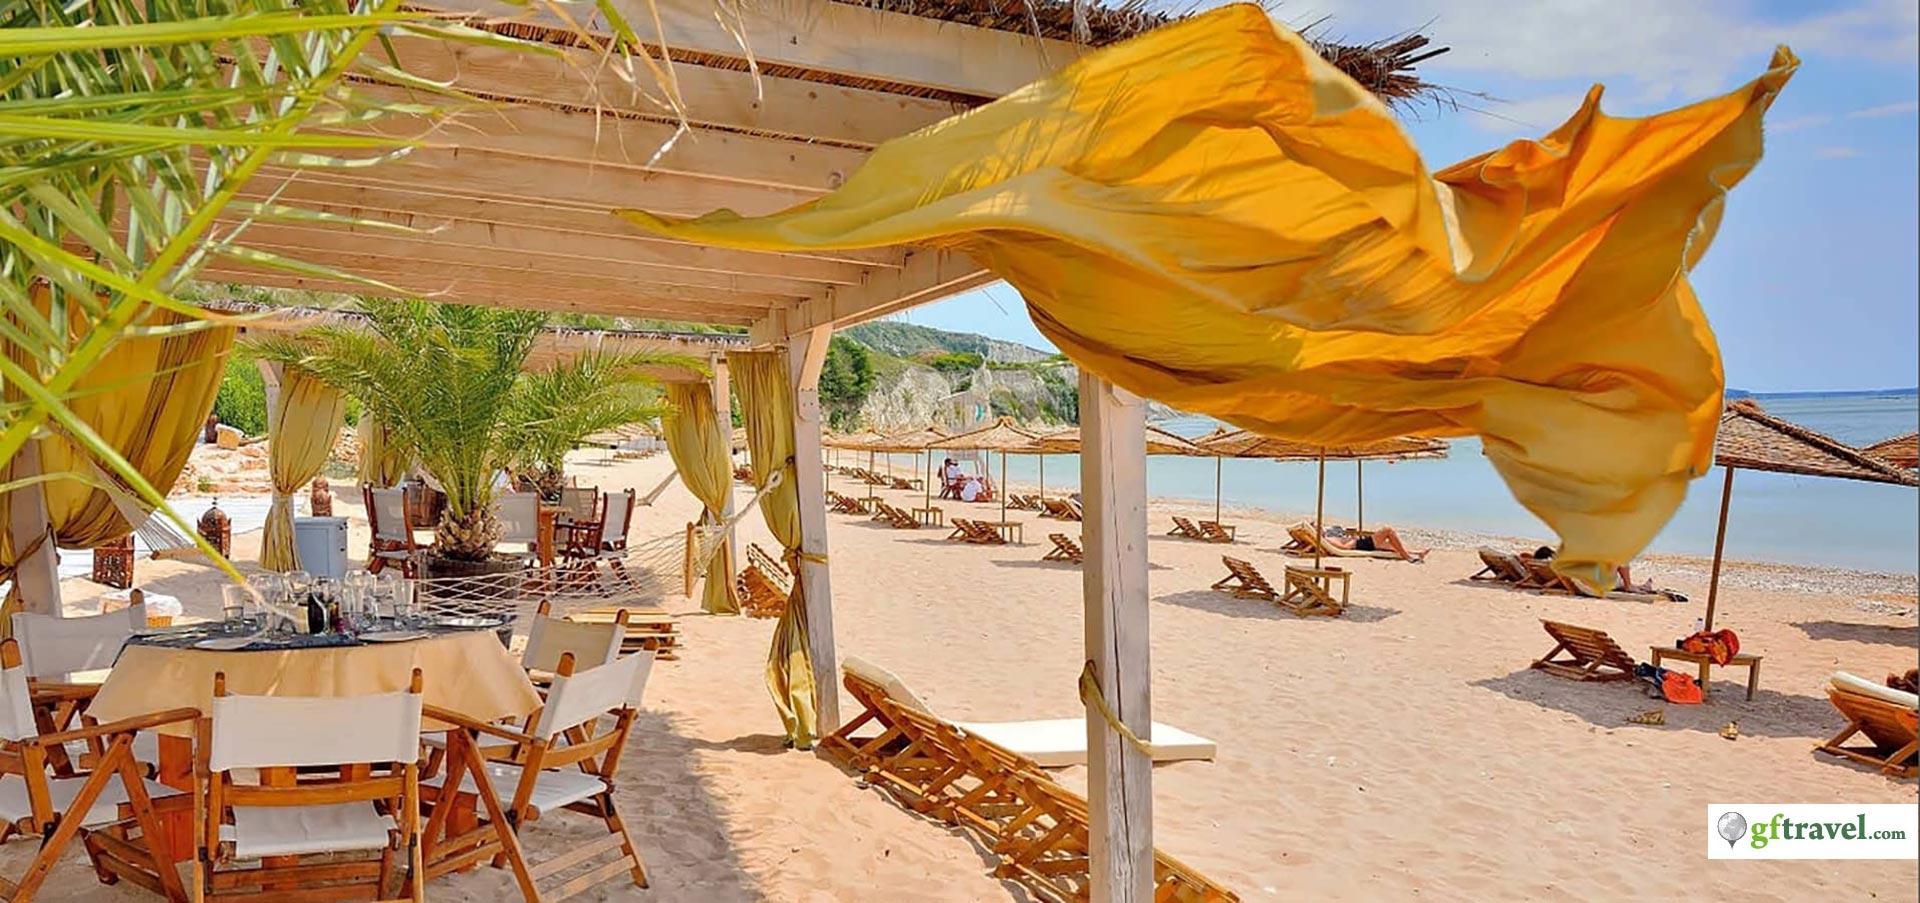 Golf-Gruppenreise-Bulgarien-Thracian-Cliffs-Reisebericht-Thracian-Cliffs-Argata-Beach-Restaurant-2